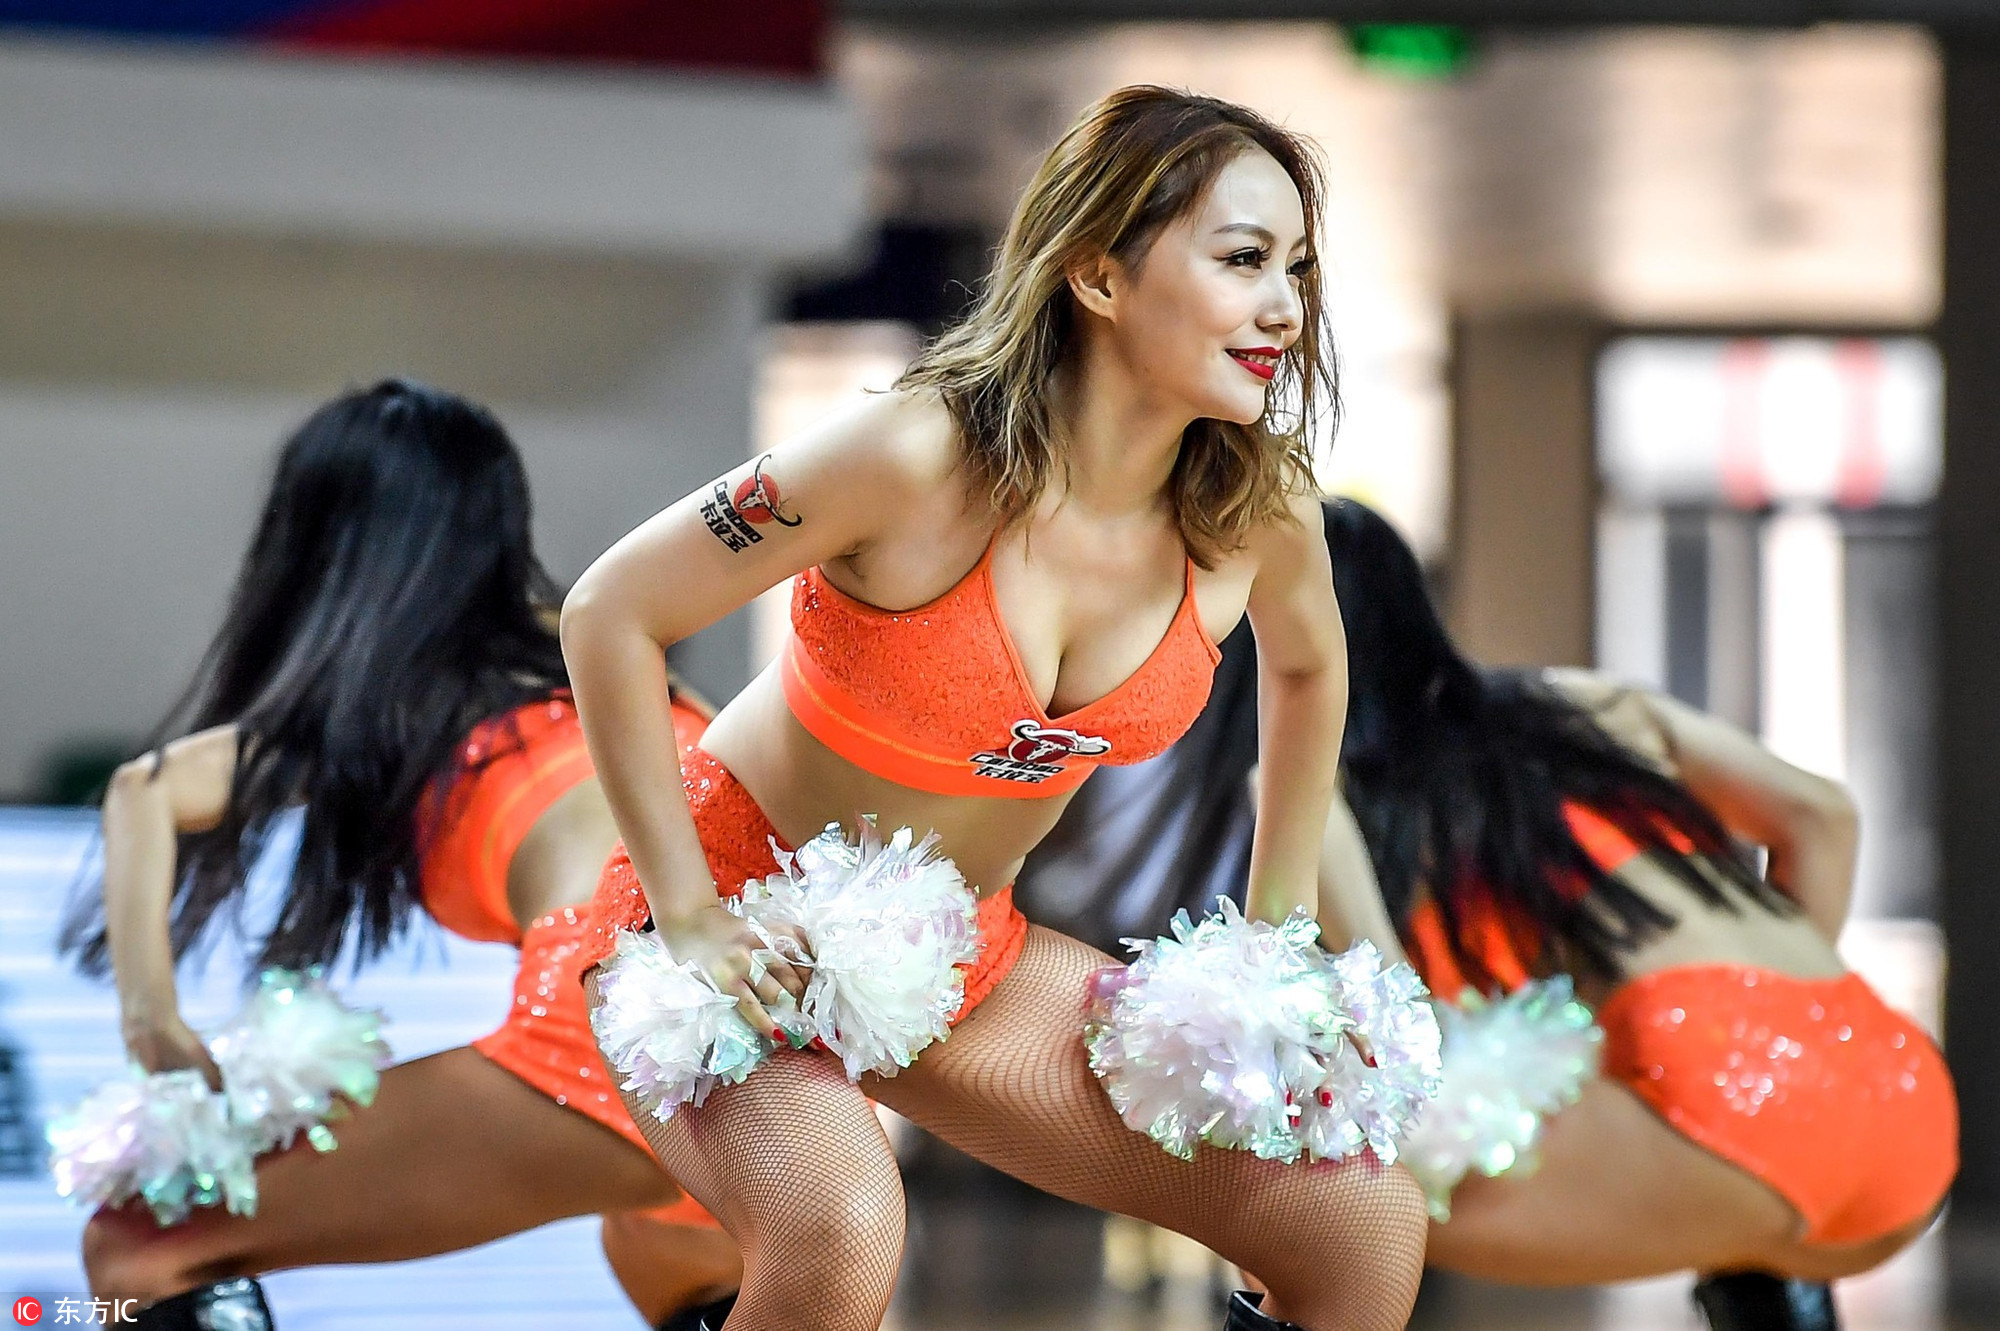 高清:篮球宝贝俯身秀身材 跪地热舞火辣性感